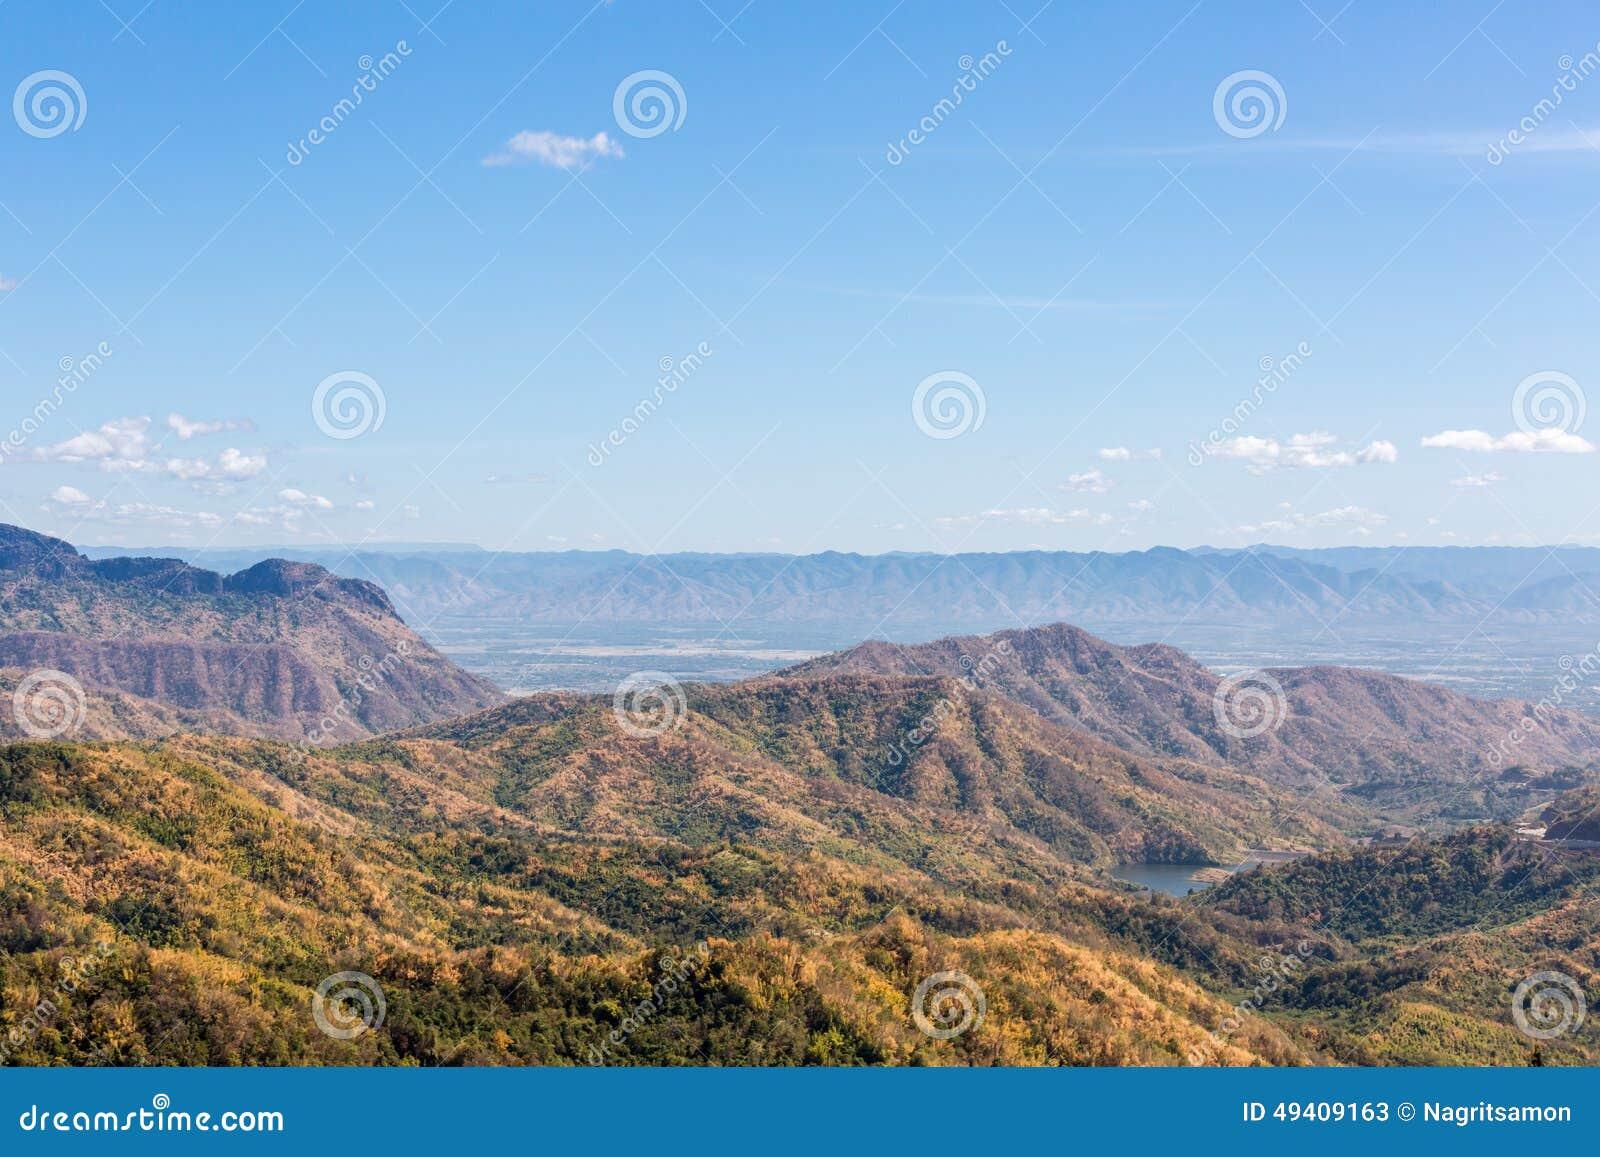 Download Der Berg Im Herbst Mit Buntem Wald Stockbild - Bild von leuchte, hintergrund: 49409163